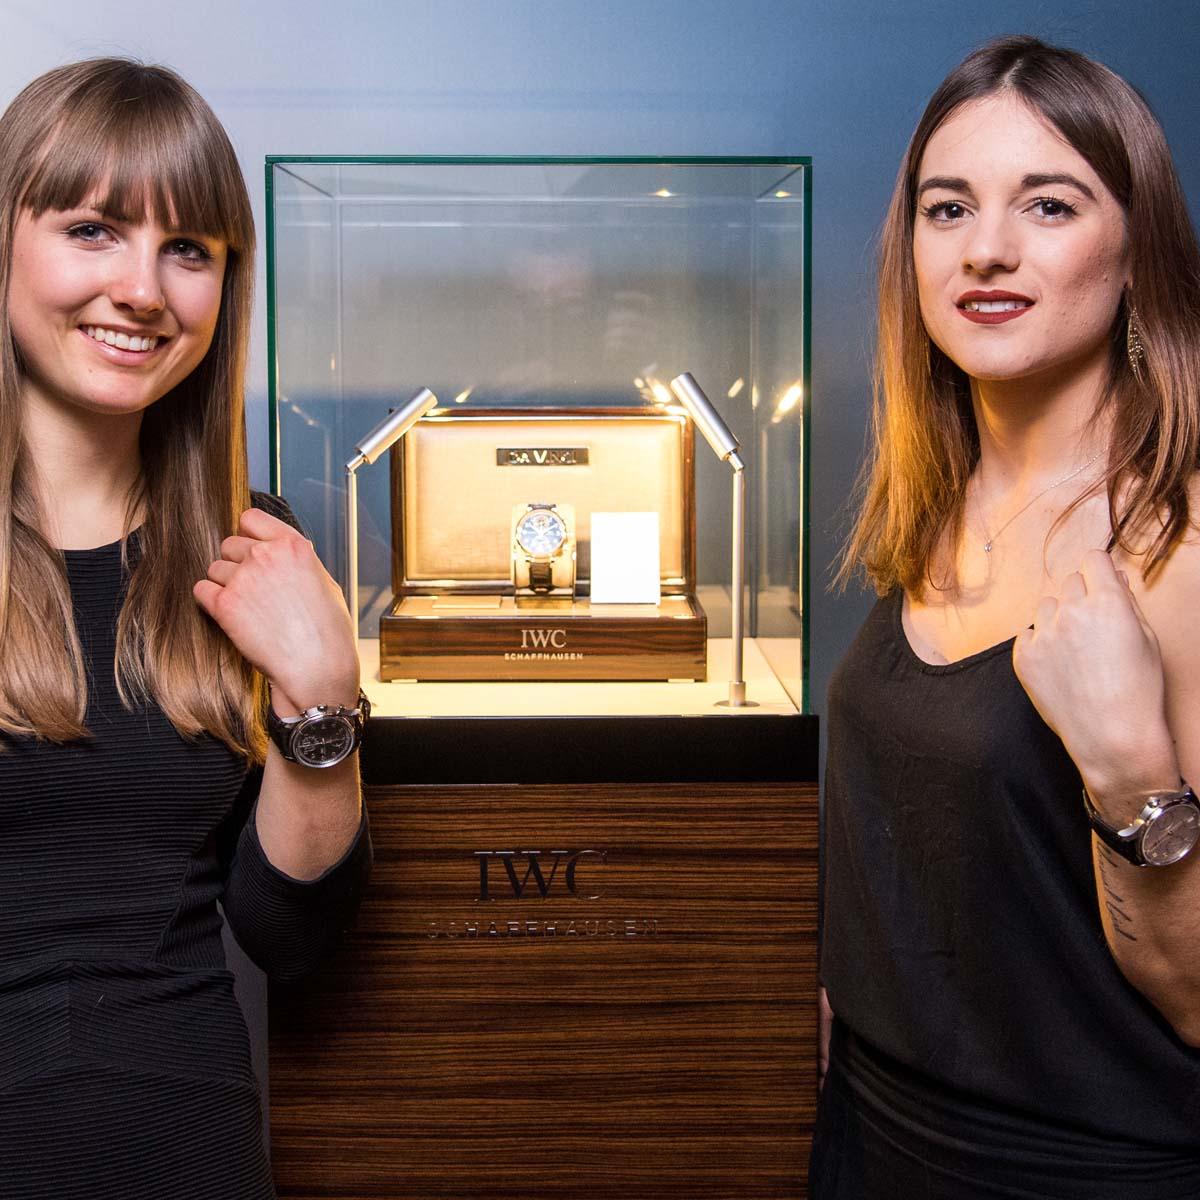 La Cote des Montres : Photo - IWC Da Vinci Chronographe Edition « Laureus Sport for Good Foundation »